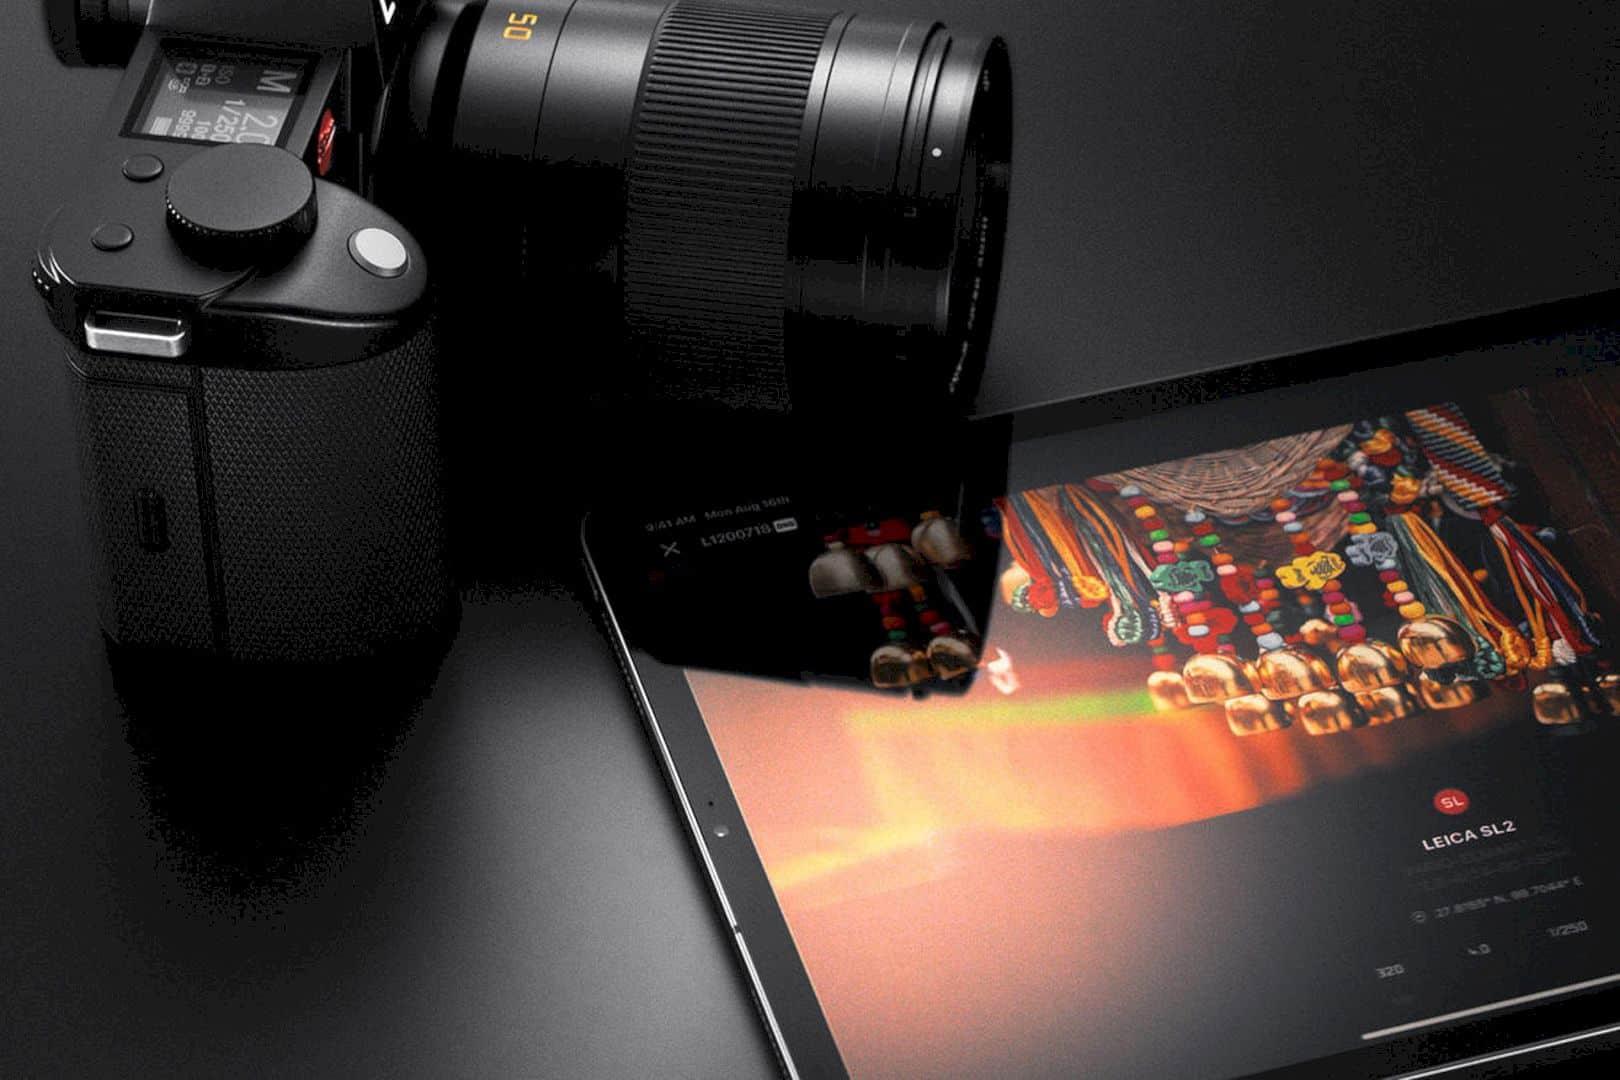 Leica SL2 3